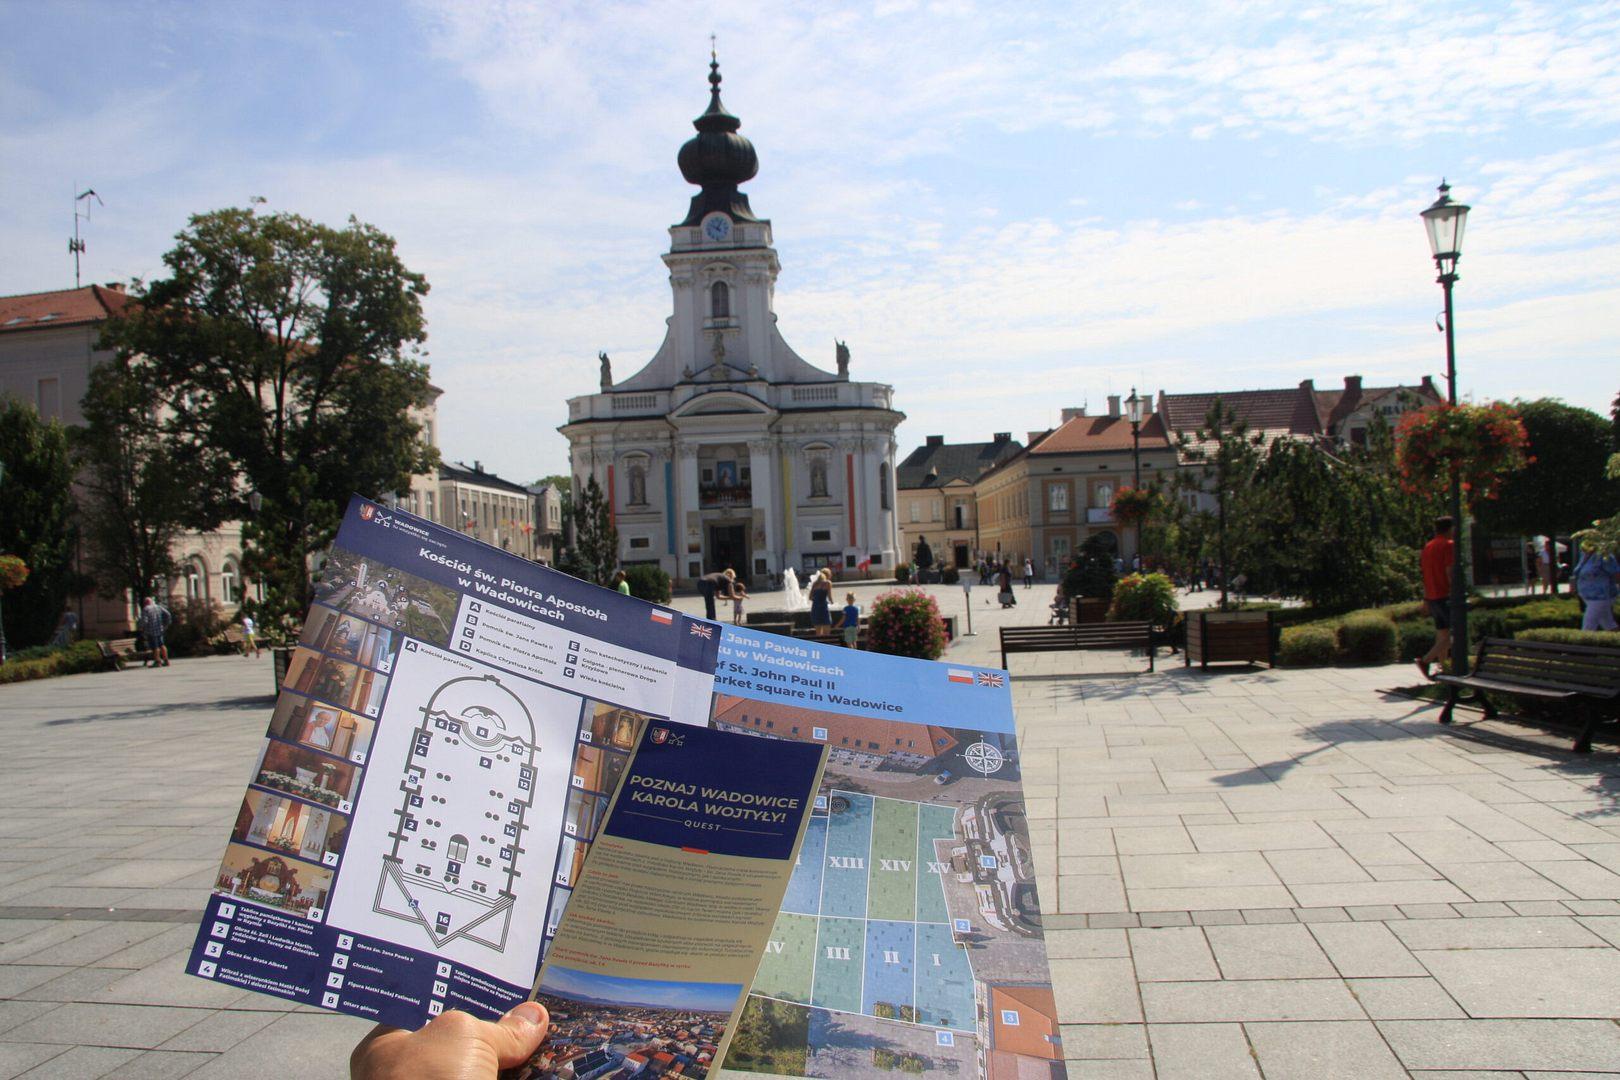 Nowe gminne wydawnictwa z okazji rocznicy konsekracji św. Piotra Apostoła w Wadowicach!